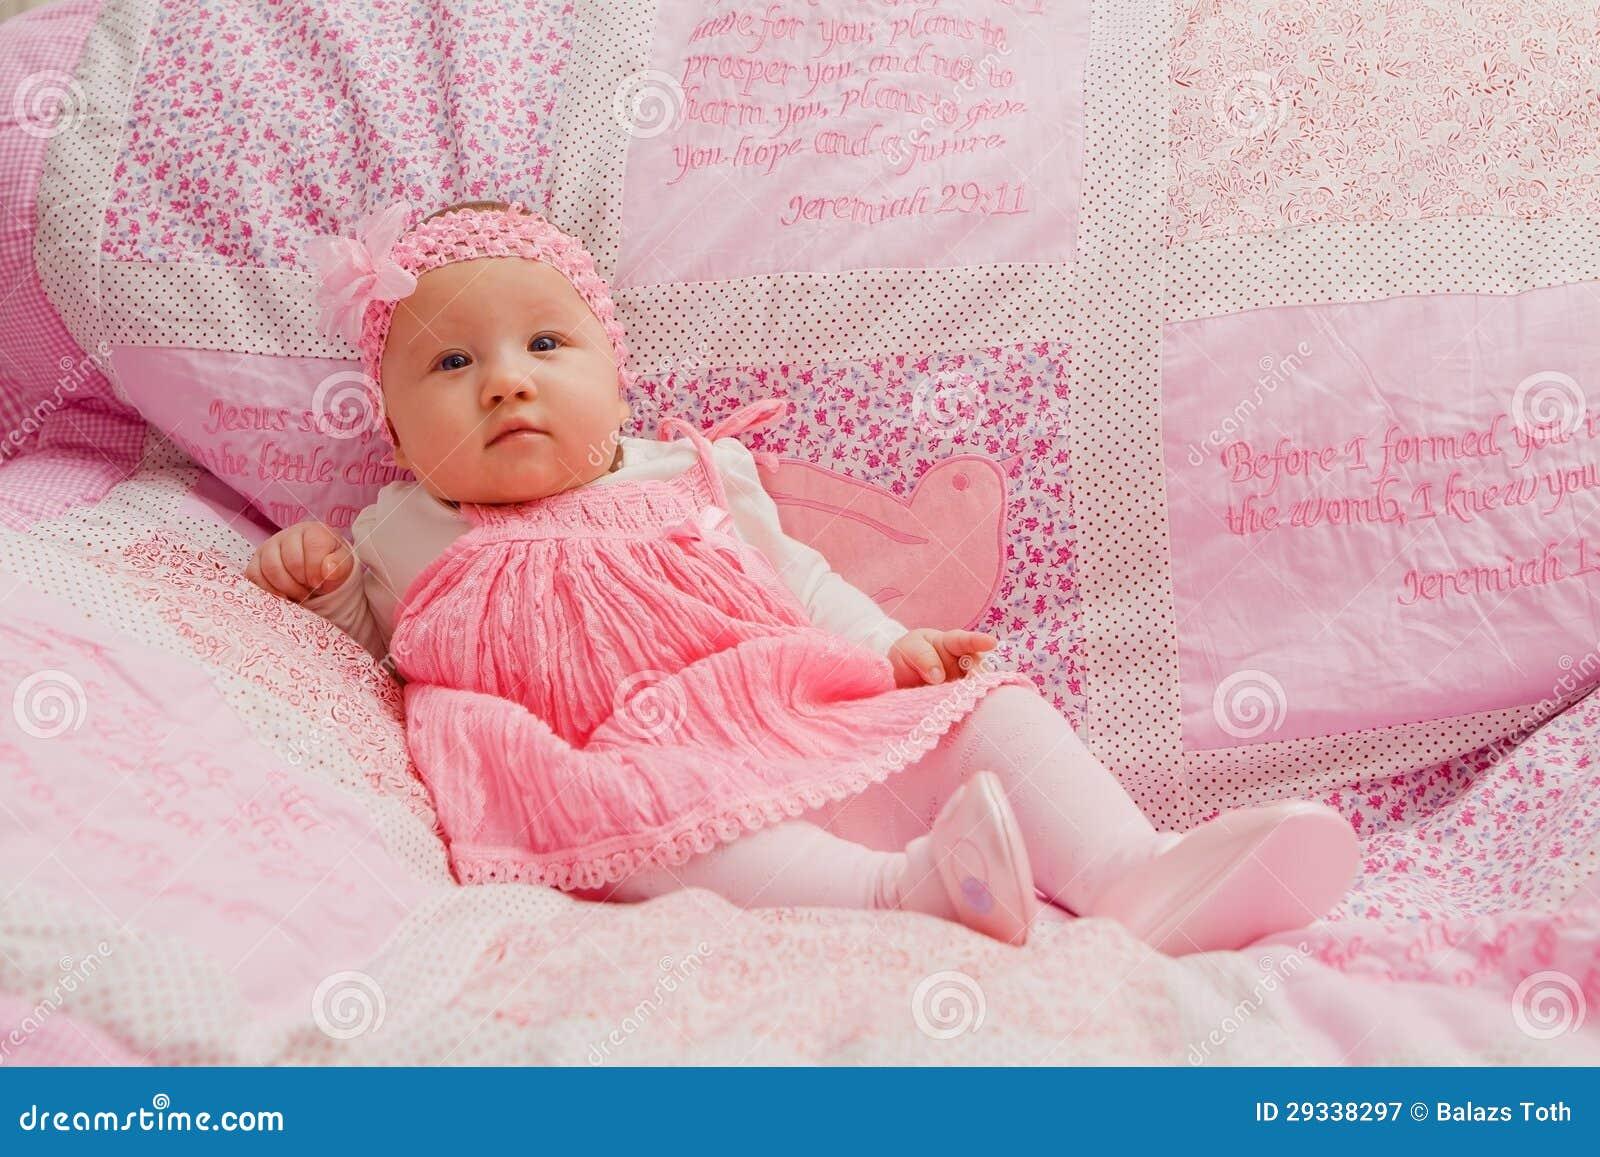 baby girl on pink blanket stock image image of comfortable 29338297